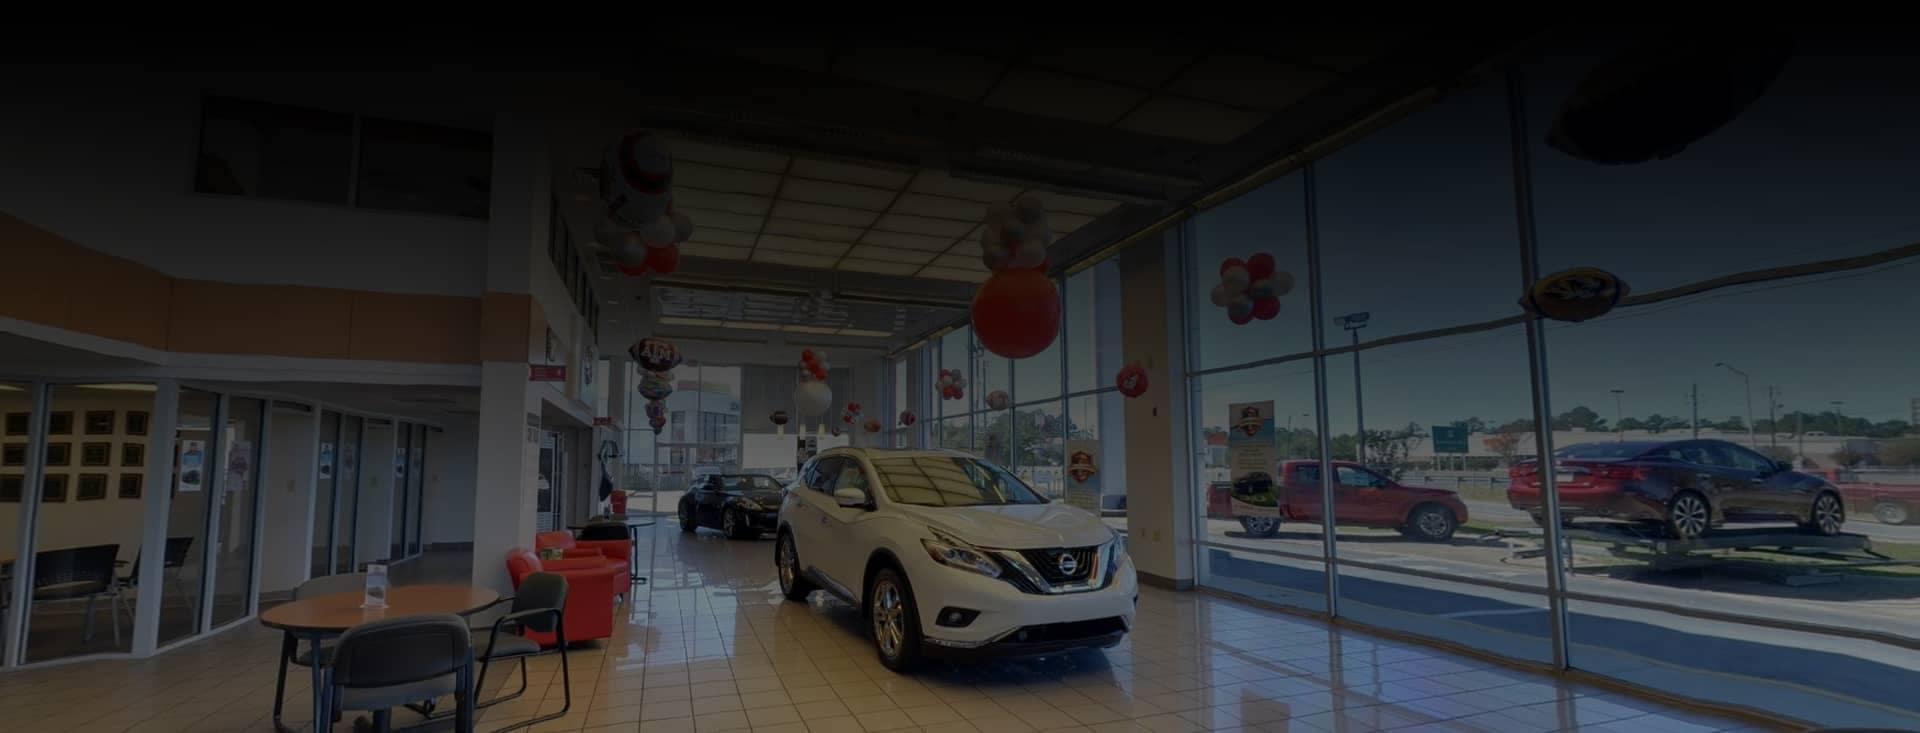 Nissan of Mobile dealership showroom